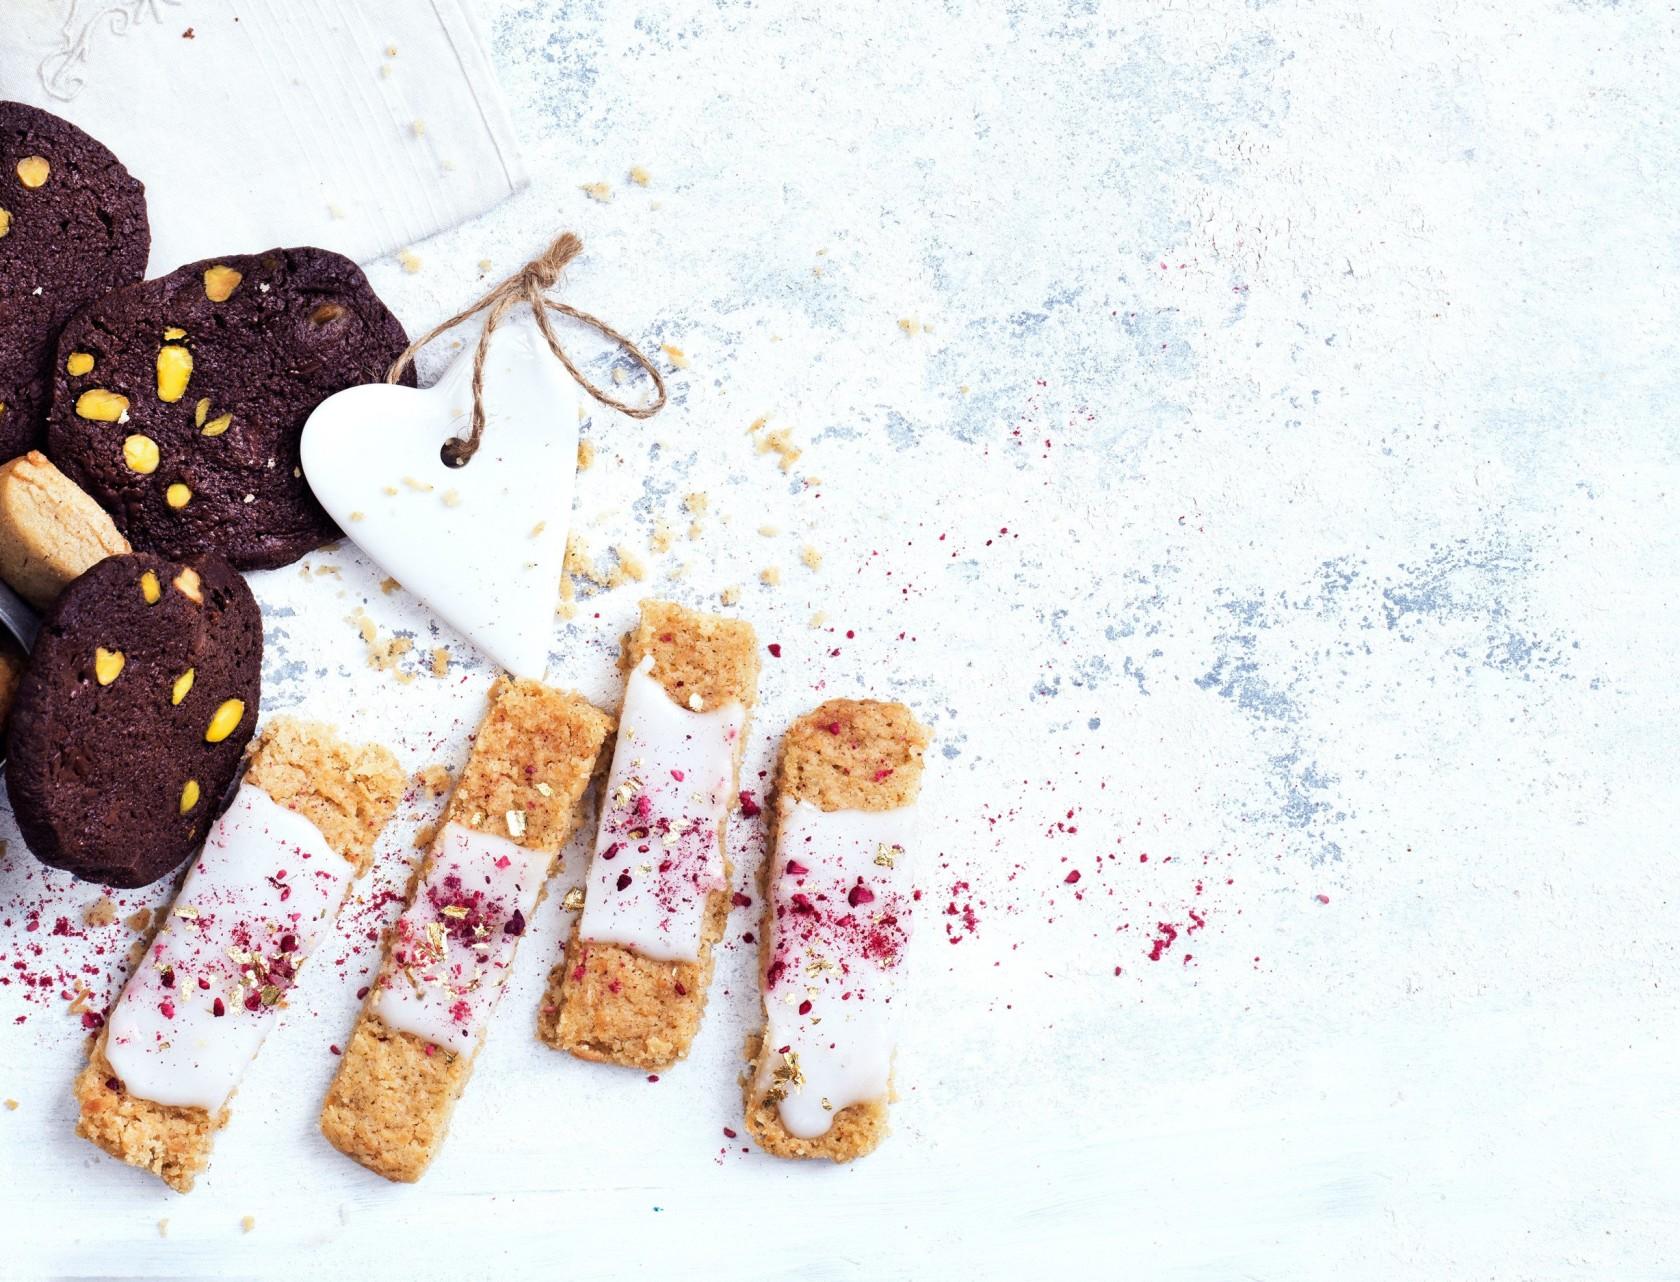 Fedtebrød med glasur - lækre julesmåkager!